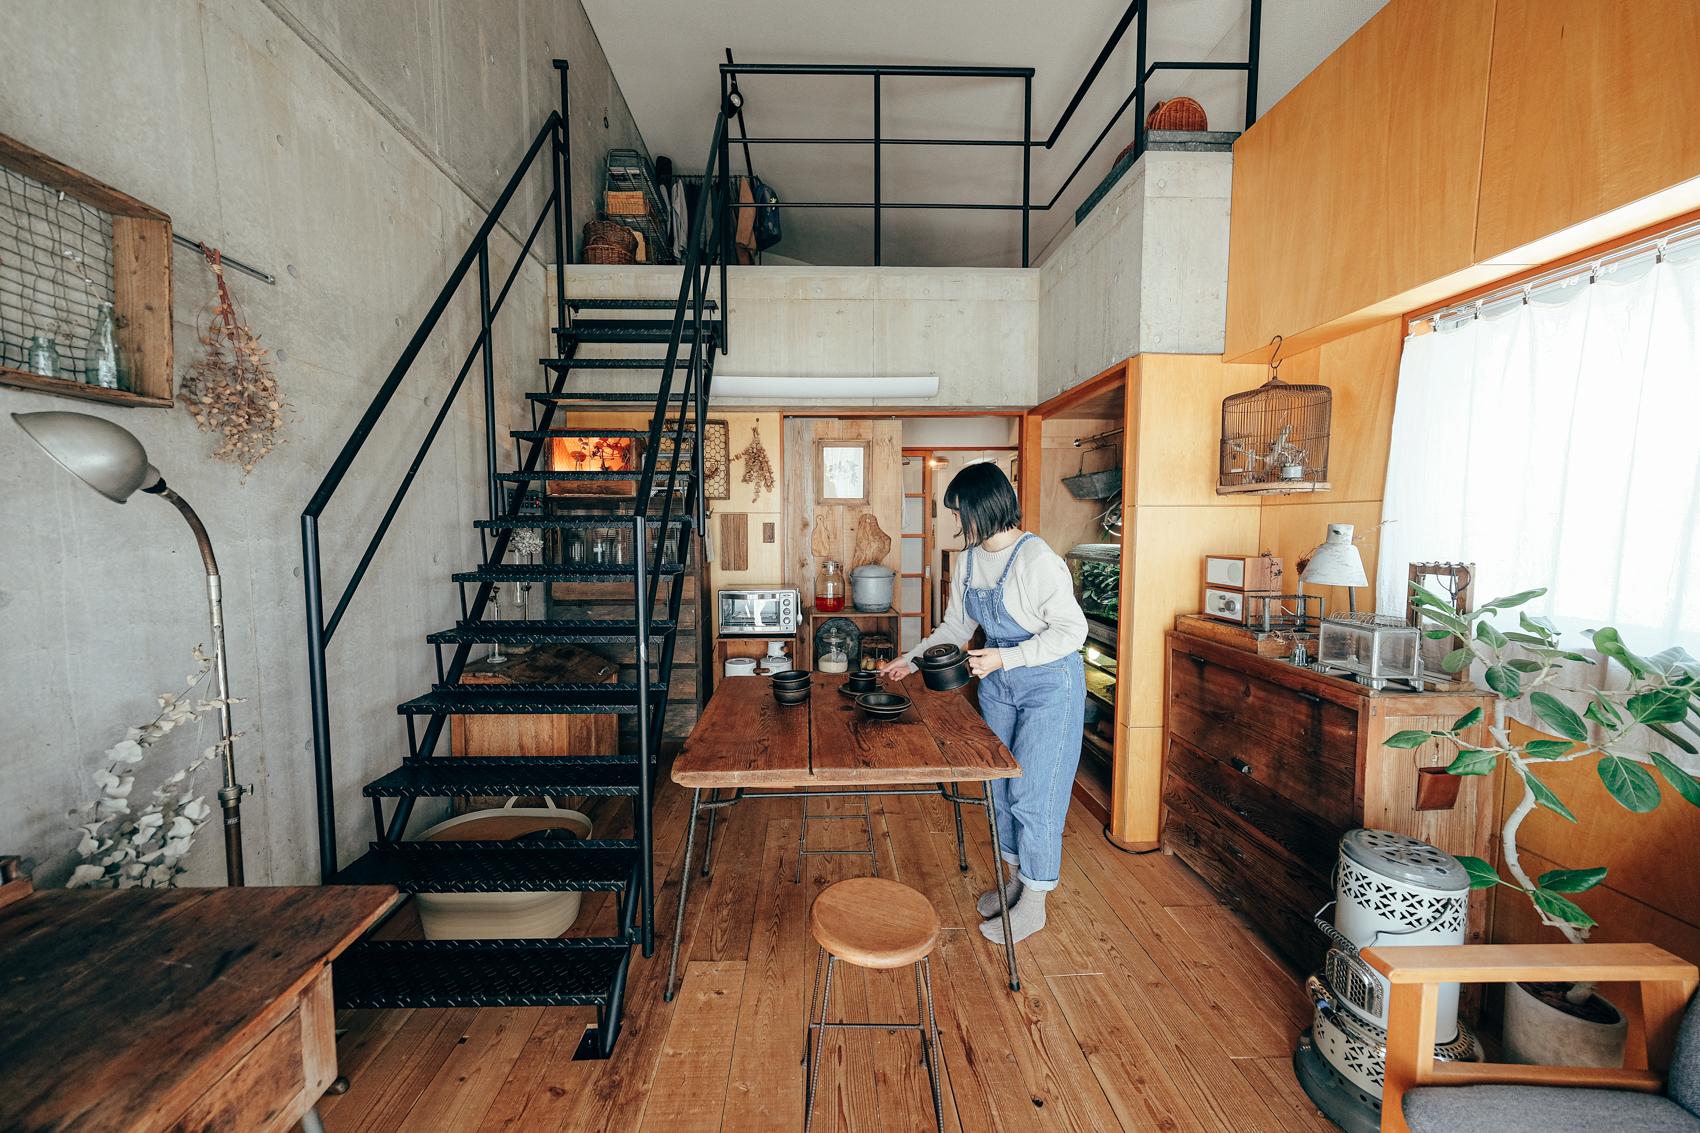 アンティーク家具や雑貨に囲まれたこちらのお部屋。古道具はデザインが素晴らしいだけでなく、造りがしっかりしている分、簡単には壊れない安心感もあるといいます。